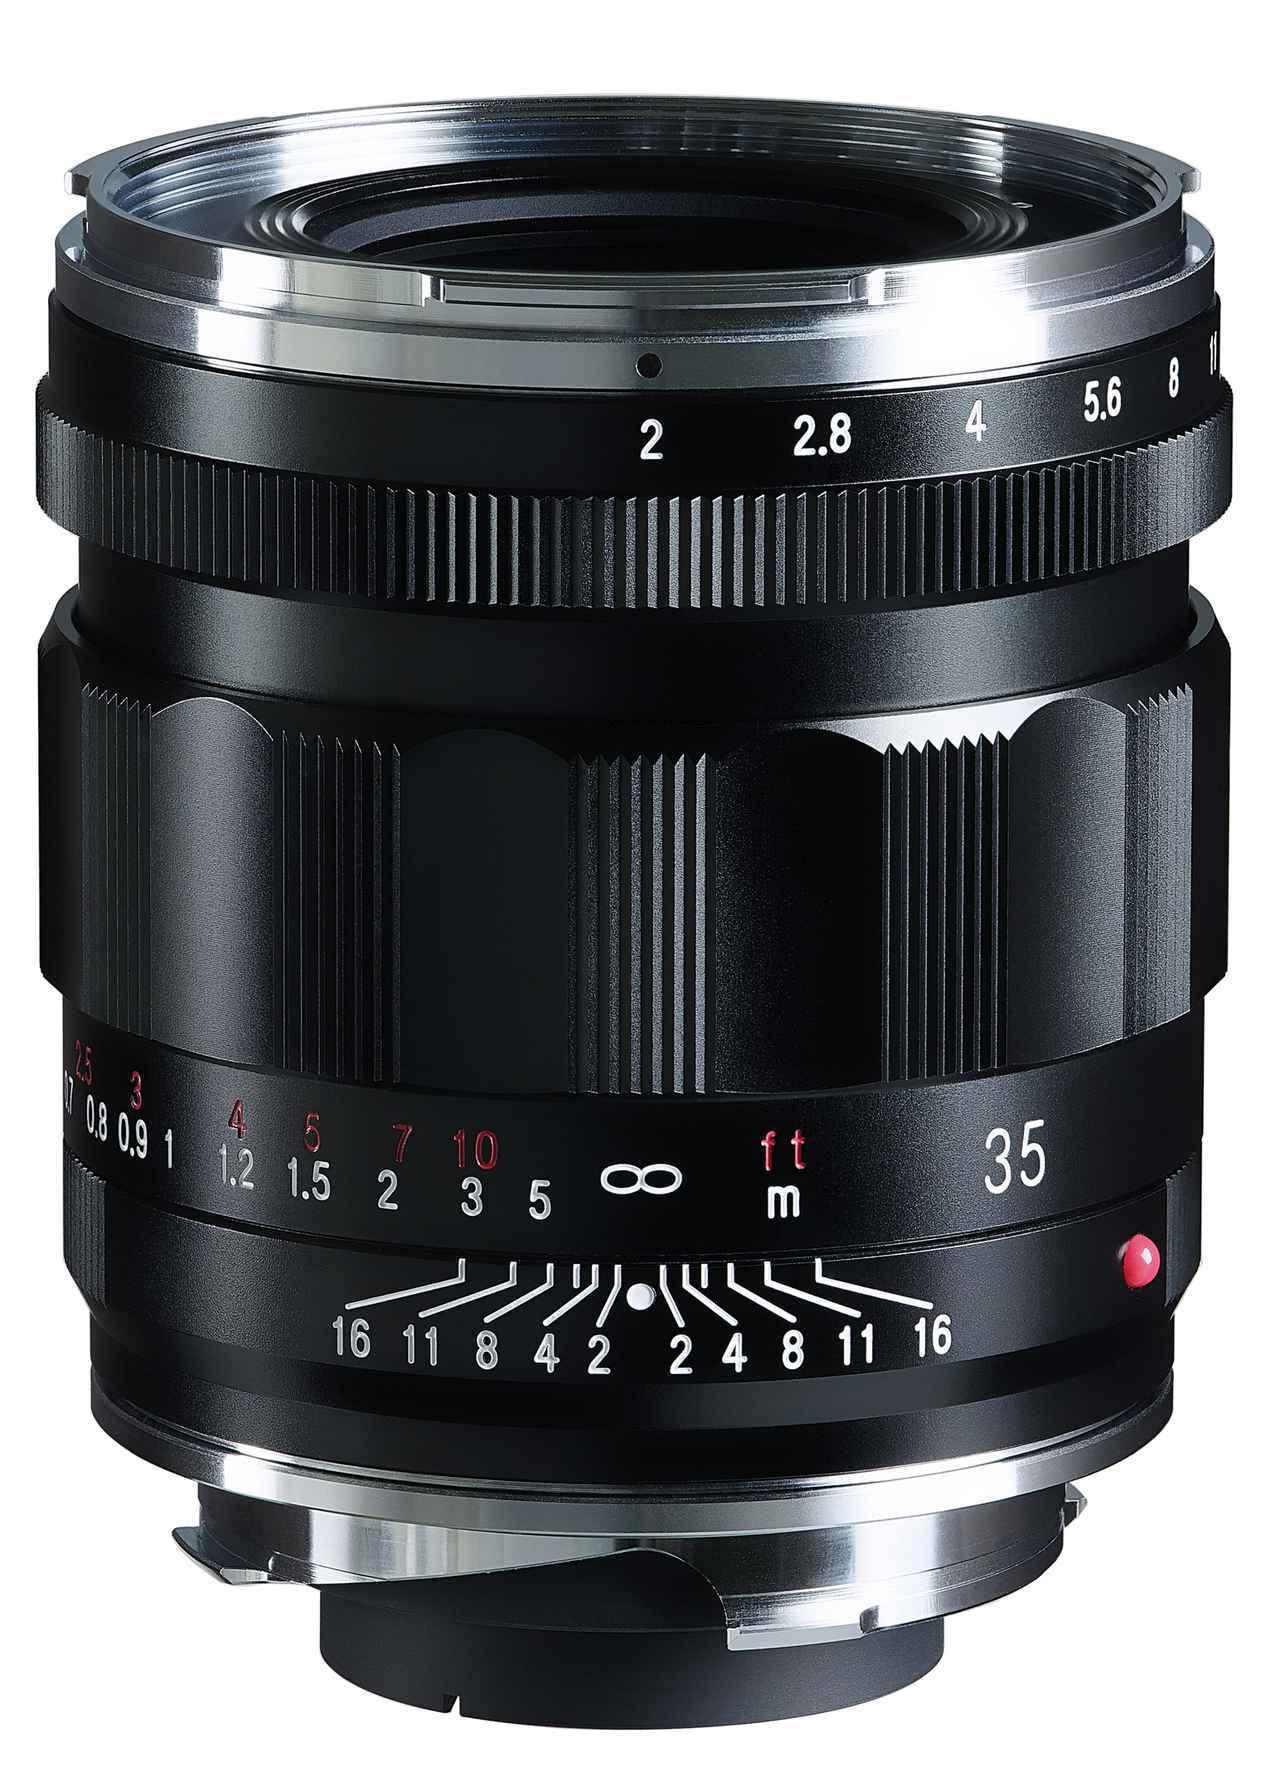 画像: コシナ 35mm祭りを開催! - Webカメラマン